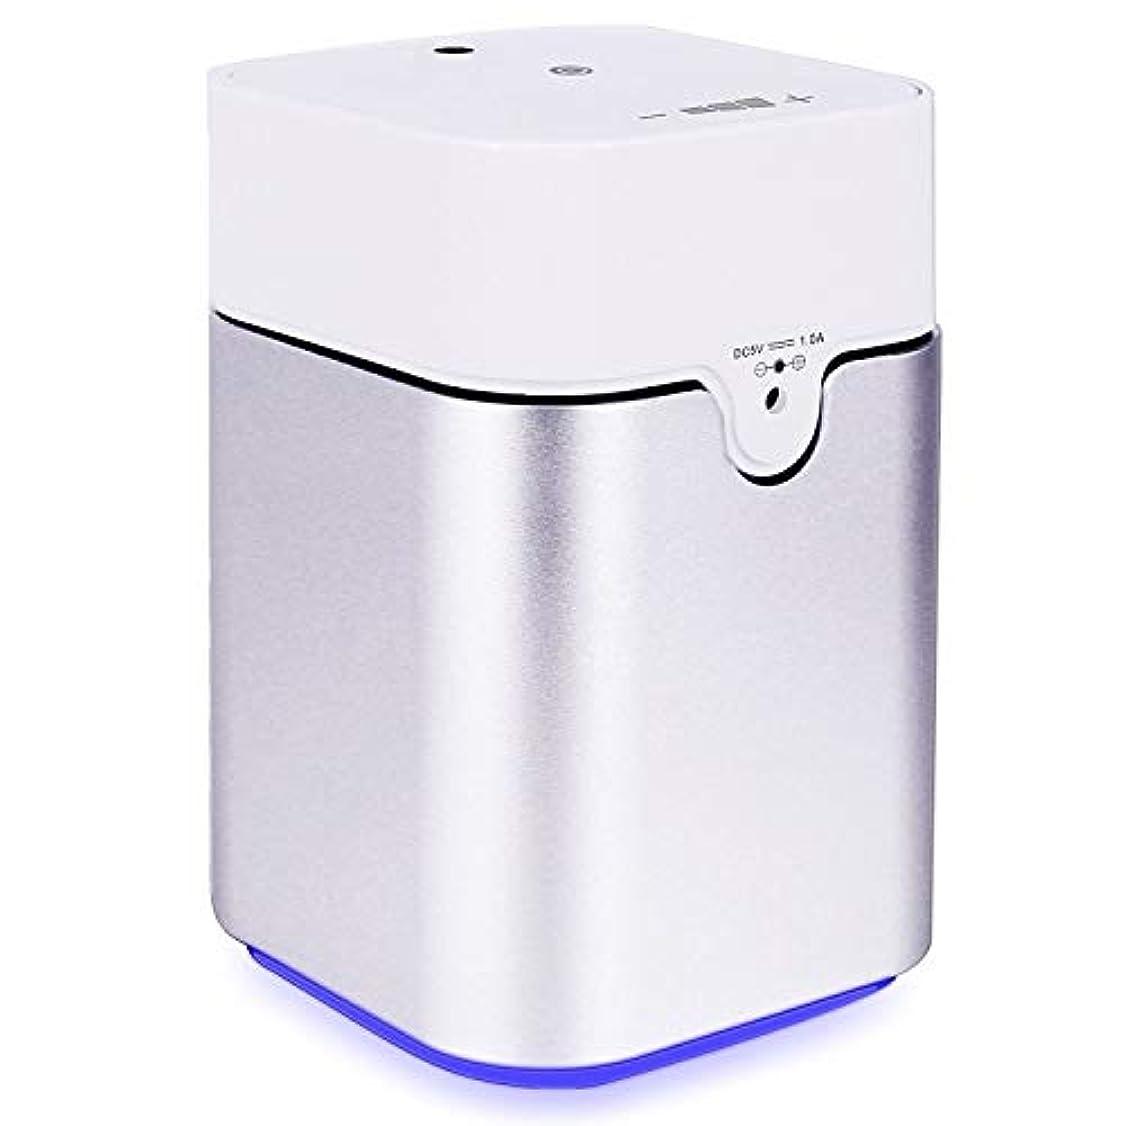 飢饉答えたらいENERG e's Pure アロマディフューザー ヨガ室 整体院人気 タイマー機能 ネブライザー式 量調整可能 精油瓶3個付き T11-ENS082